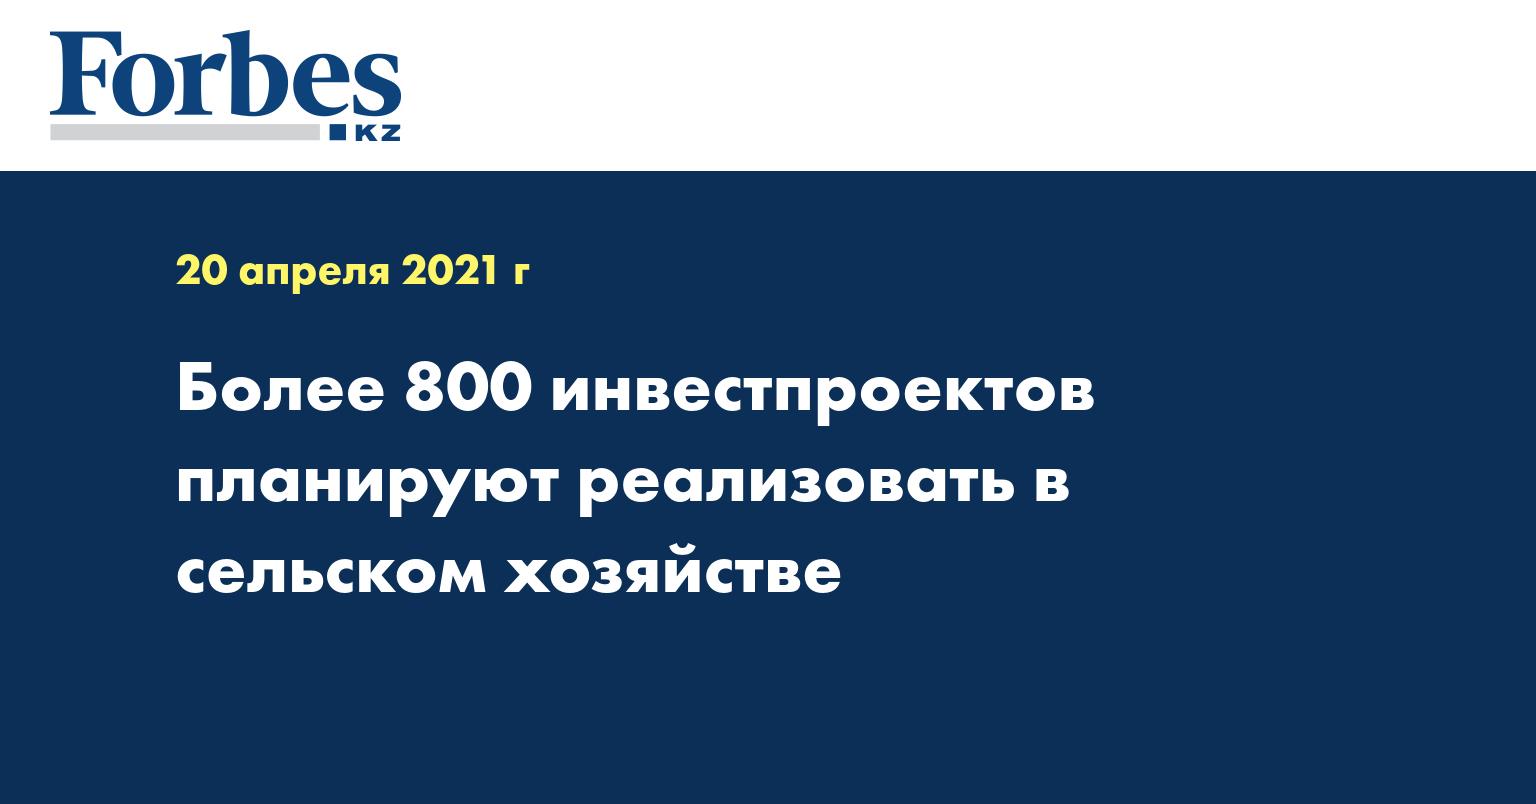 Более 800 инвестпроектов планируют реализовать в сельском хозяйстве